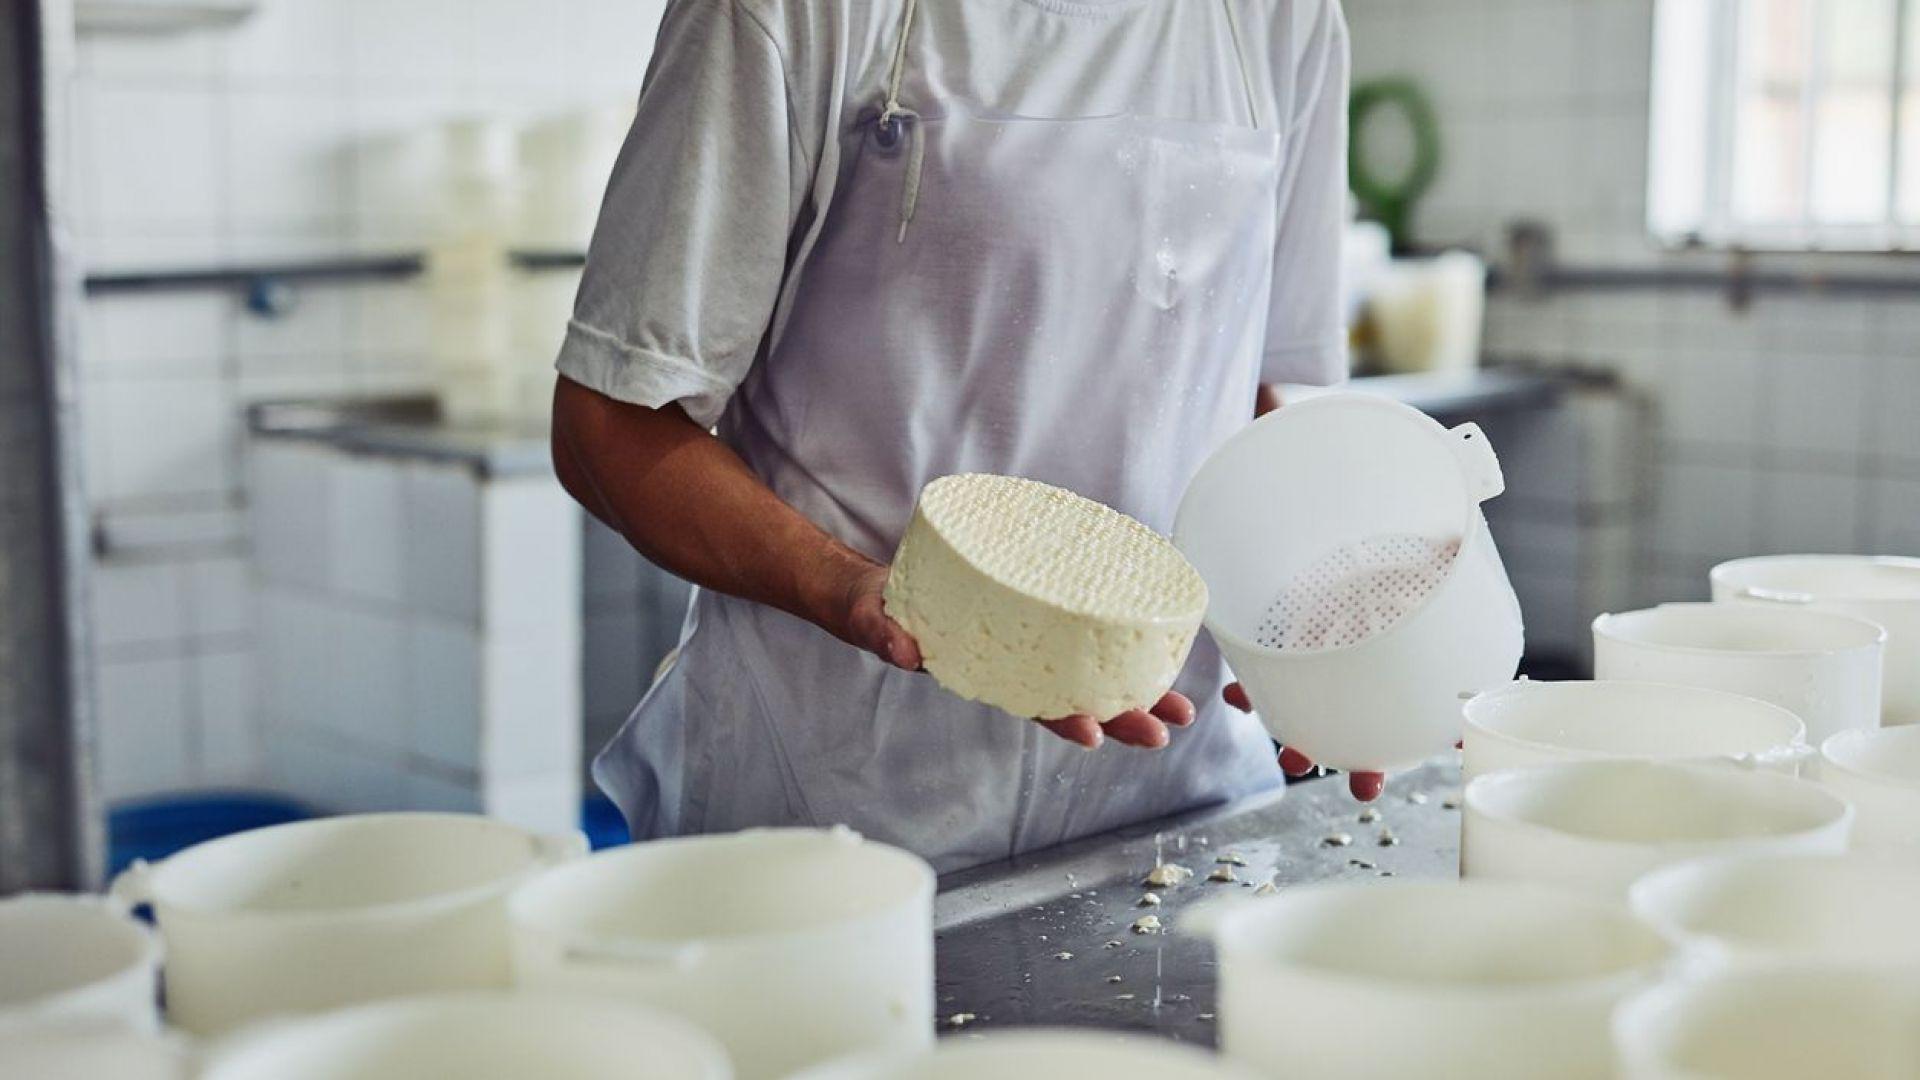 Сиренето с над 60% вода ще се продава само в опаковка